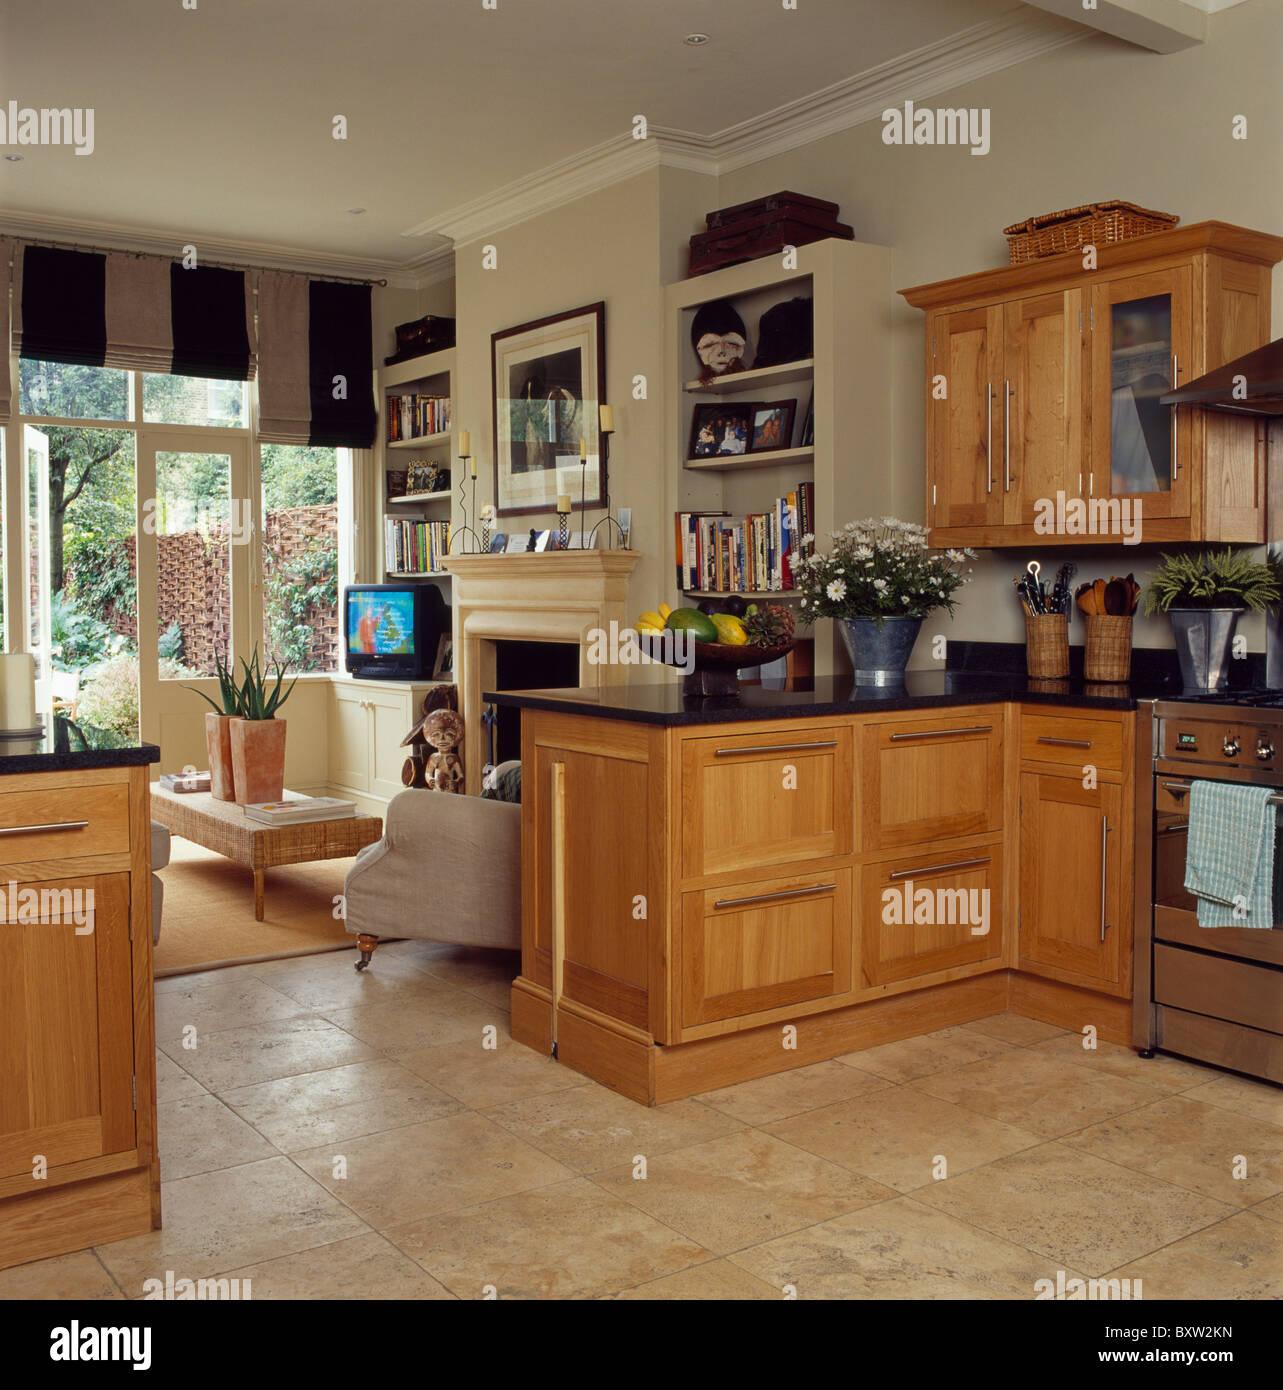 Kalkstein Bodenbelag und blasse Holz Einheiten in die offene Küche ...